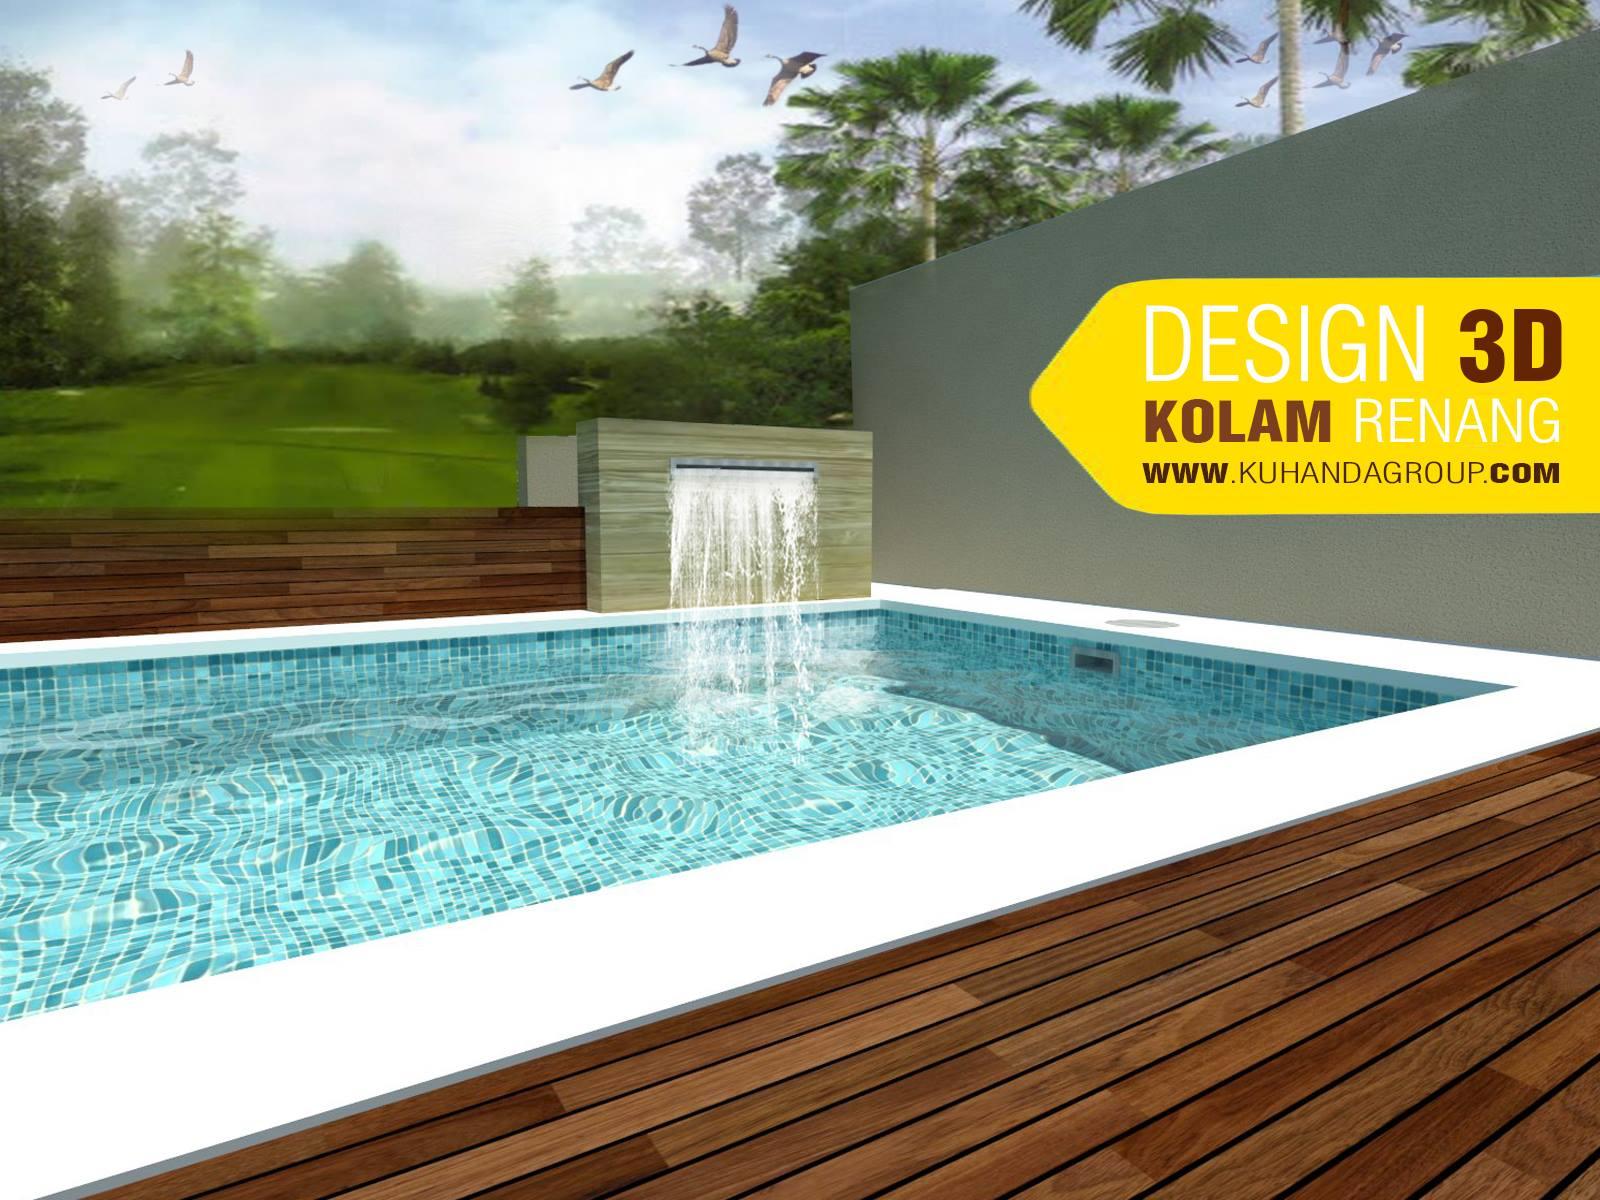 ilustrasi 3D kolam renang